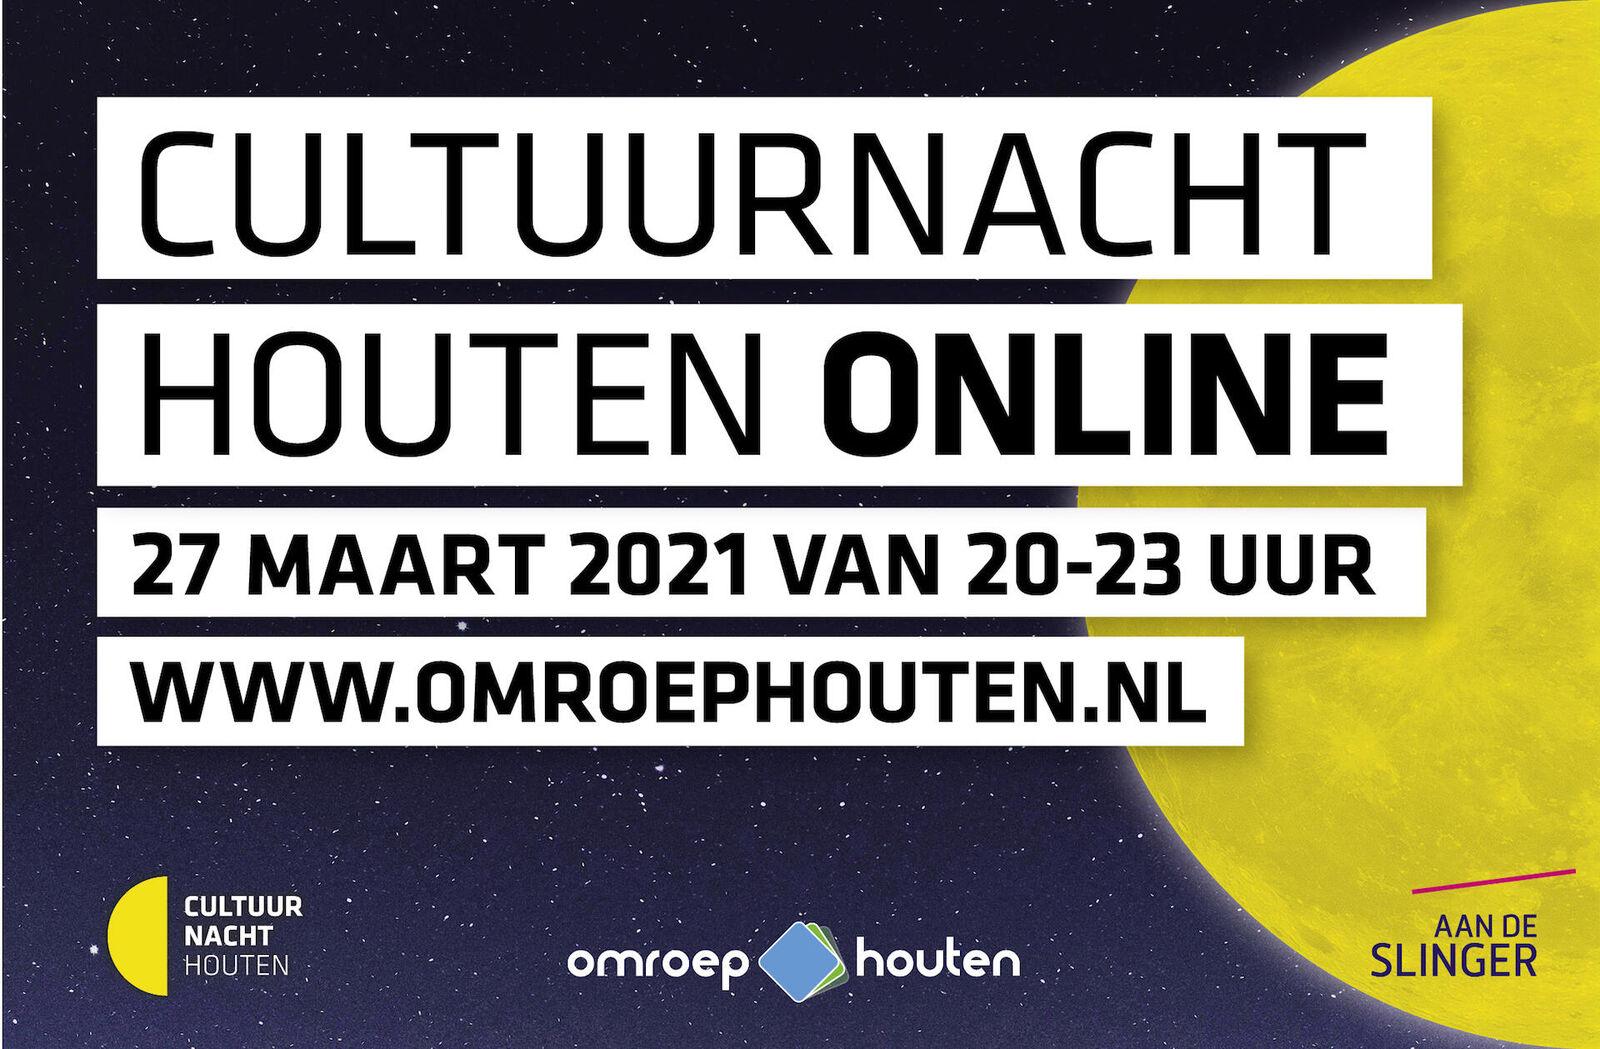 Cultuurnacht Houten 2021